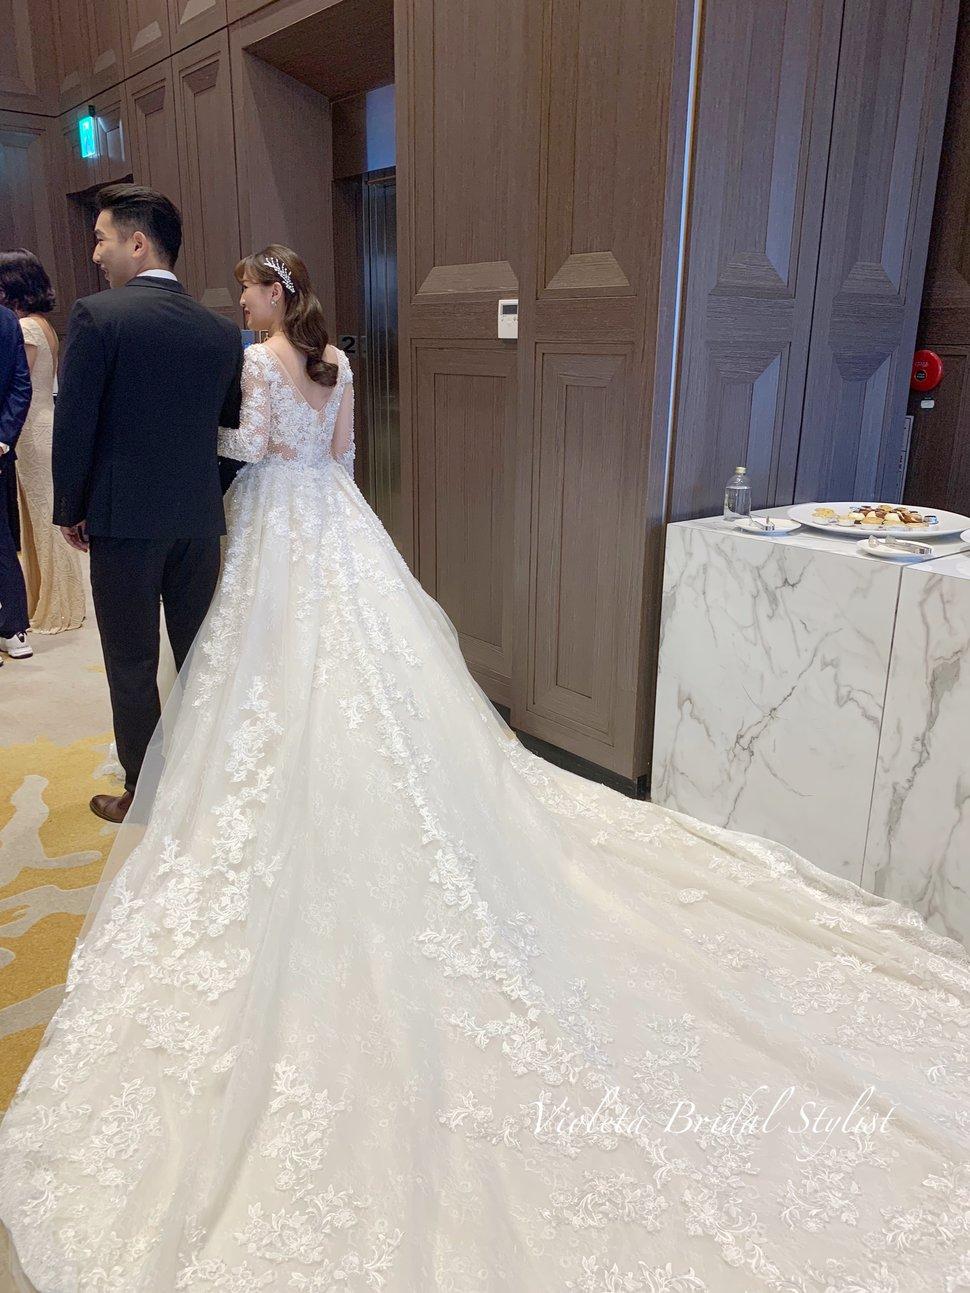 09597919-D8A2-47CF-BD17-9B954BE3678C - 台中/台南新秘可可 新娘精緻彩妝整體造型《結婚吧》